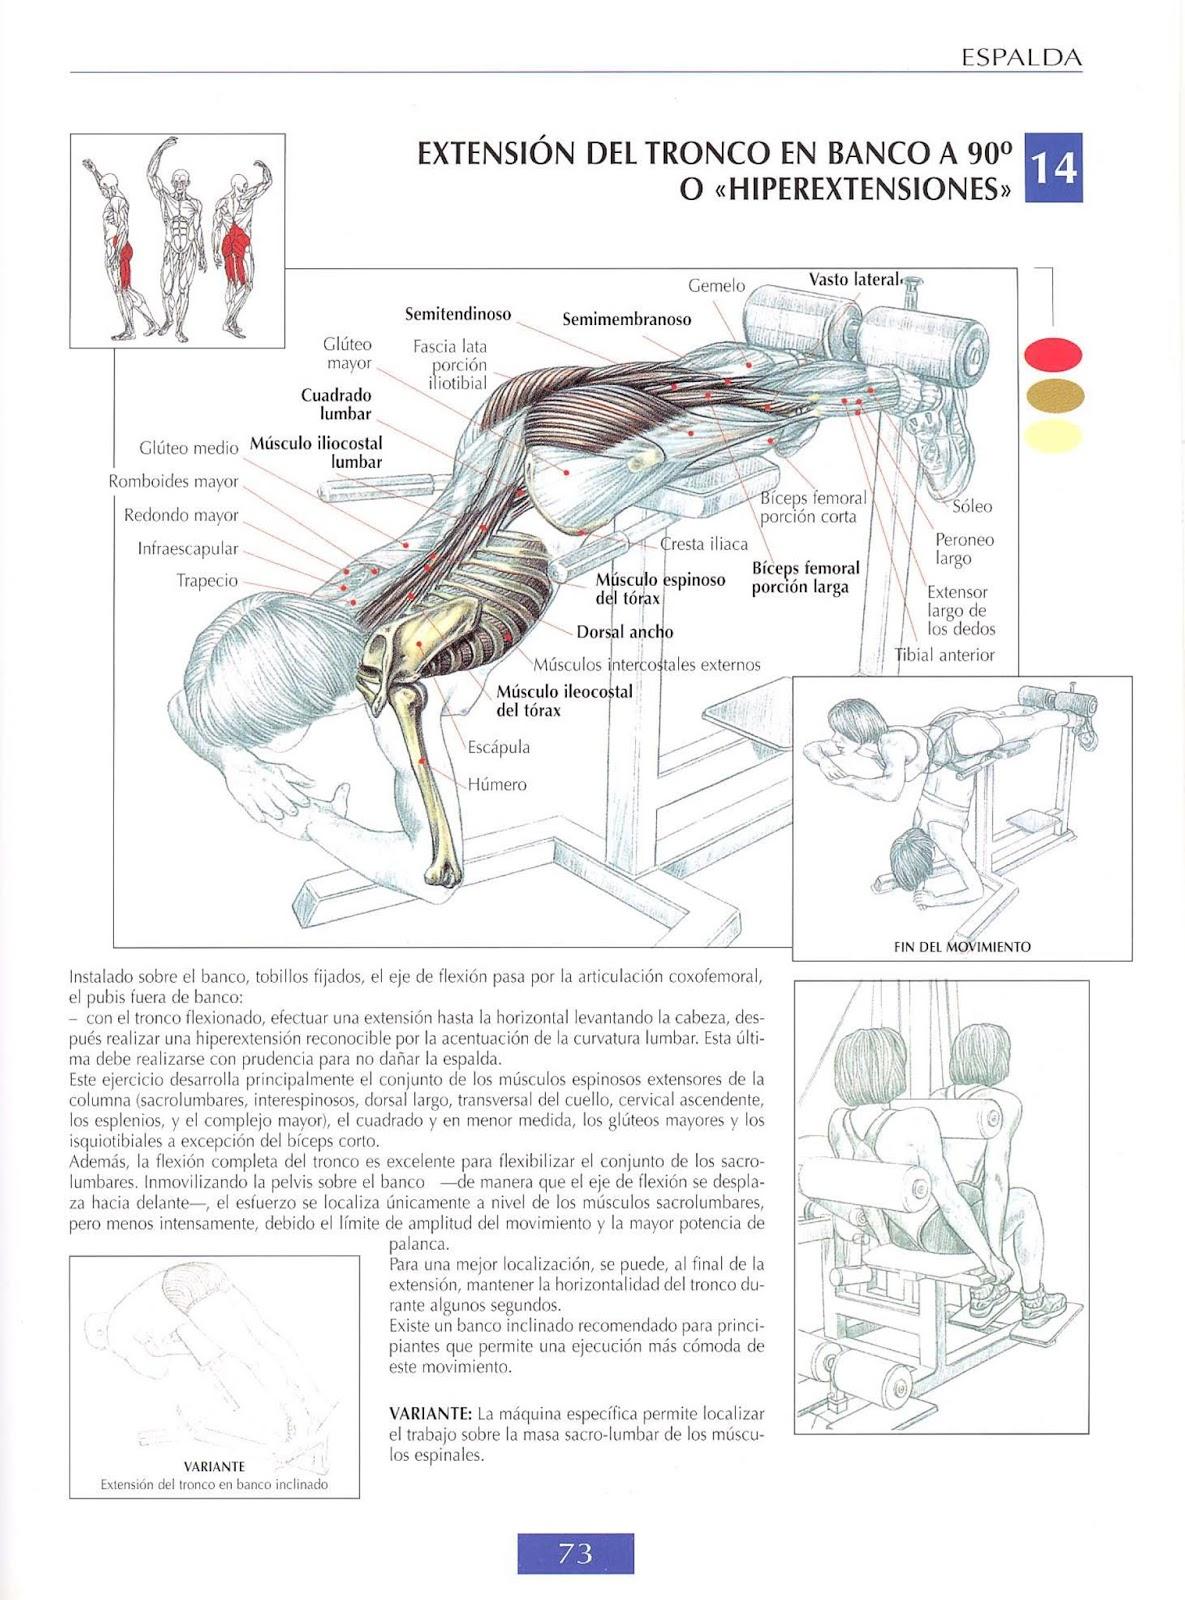 La barra fija de la osteocondrosis